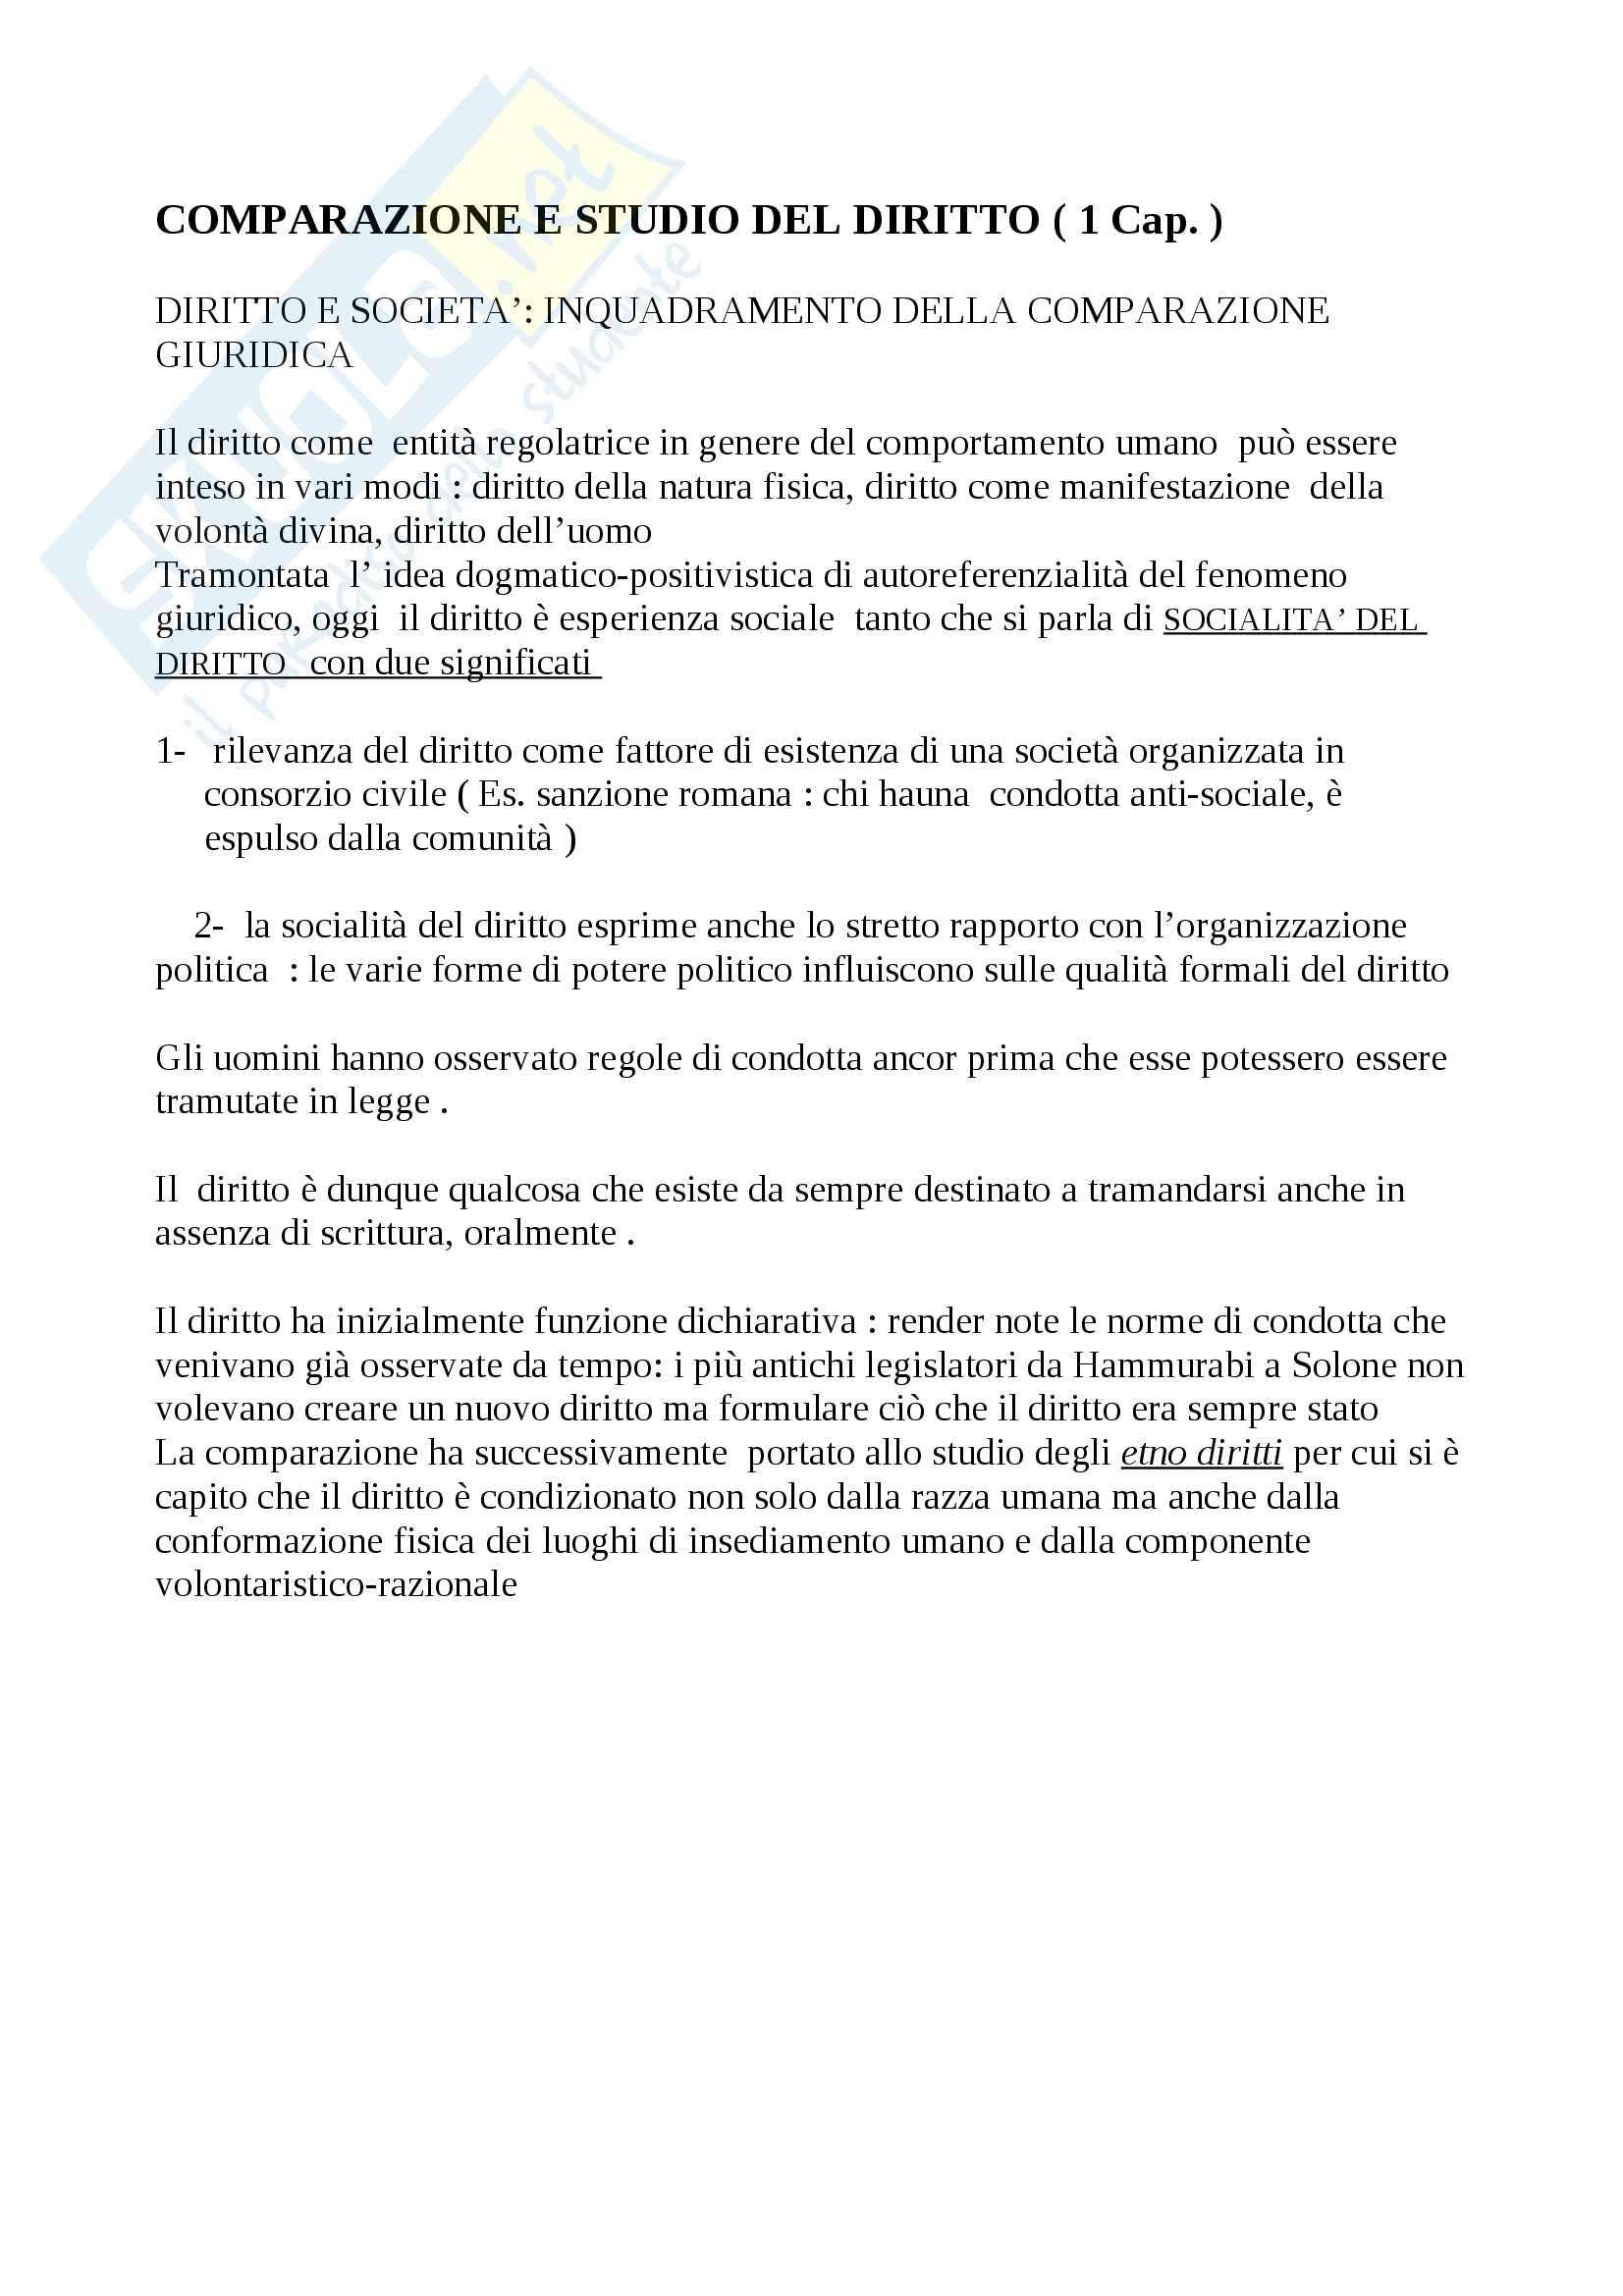 Riassunto esame Diritto, prof. Calzolaio, libro consigliato Comparazione giuridica e diritto europeo, Moccia